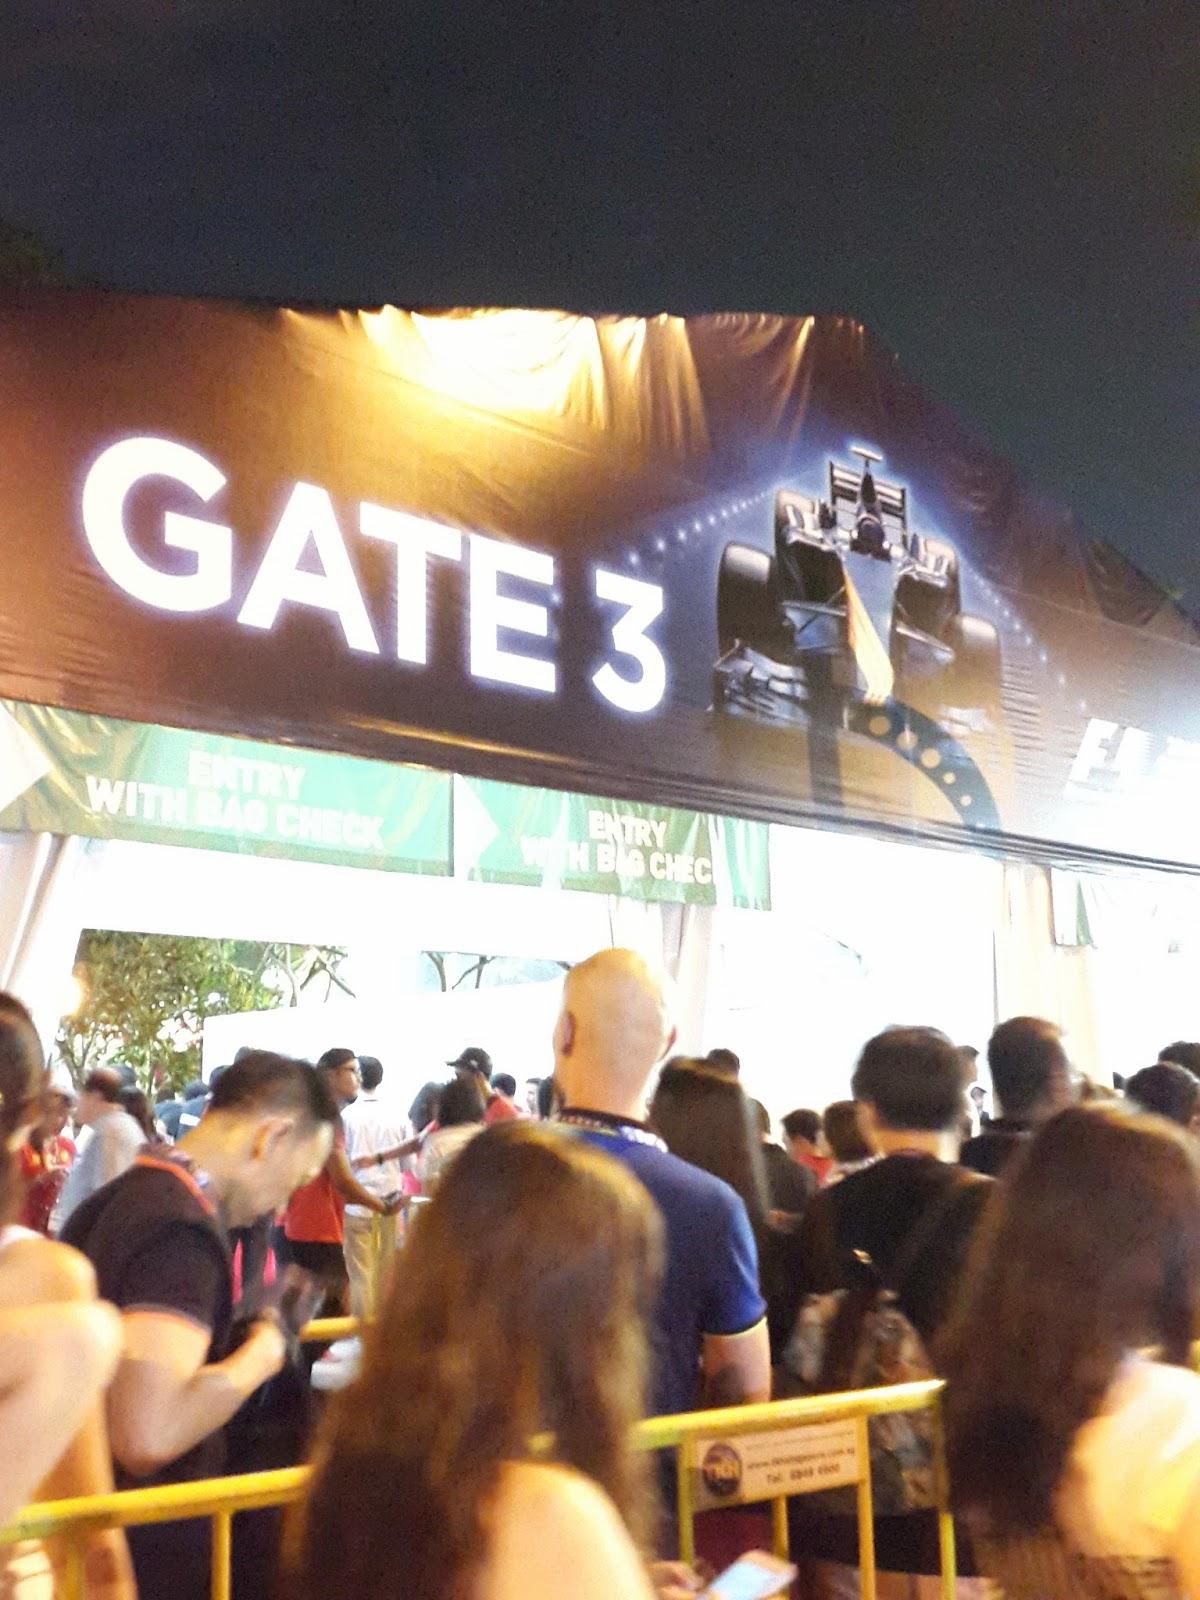 Gate 3 Singapore Formula 1 Grand Prix City Hall